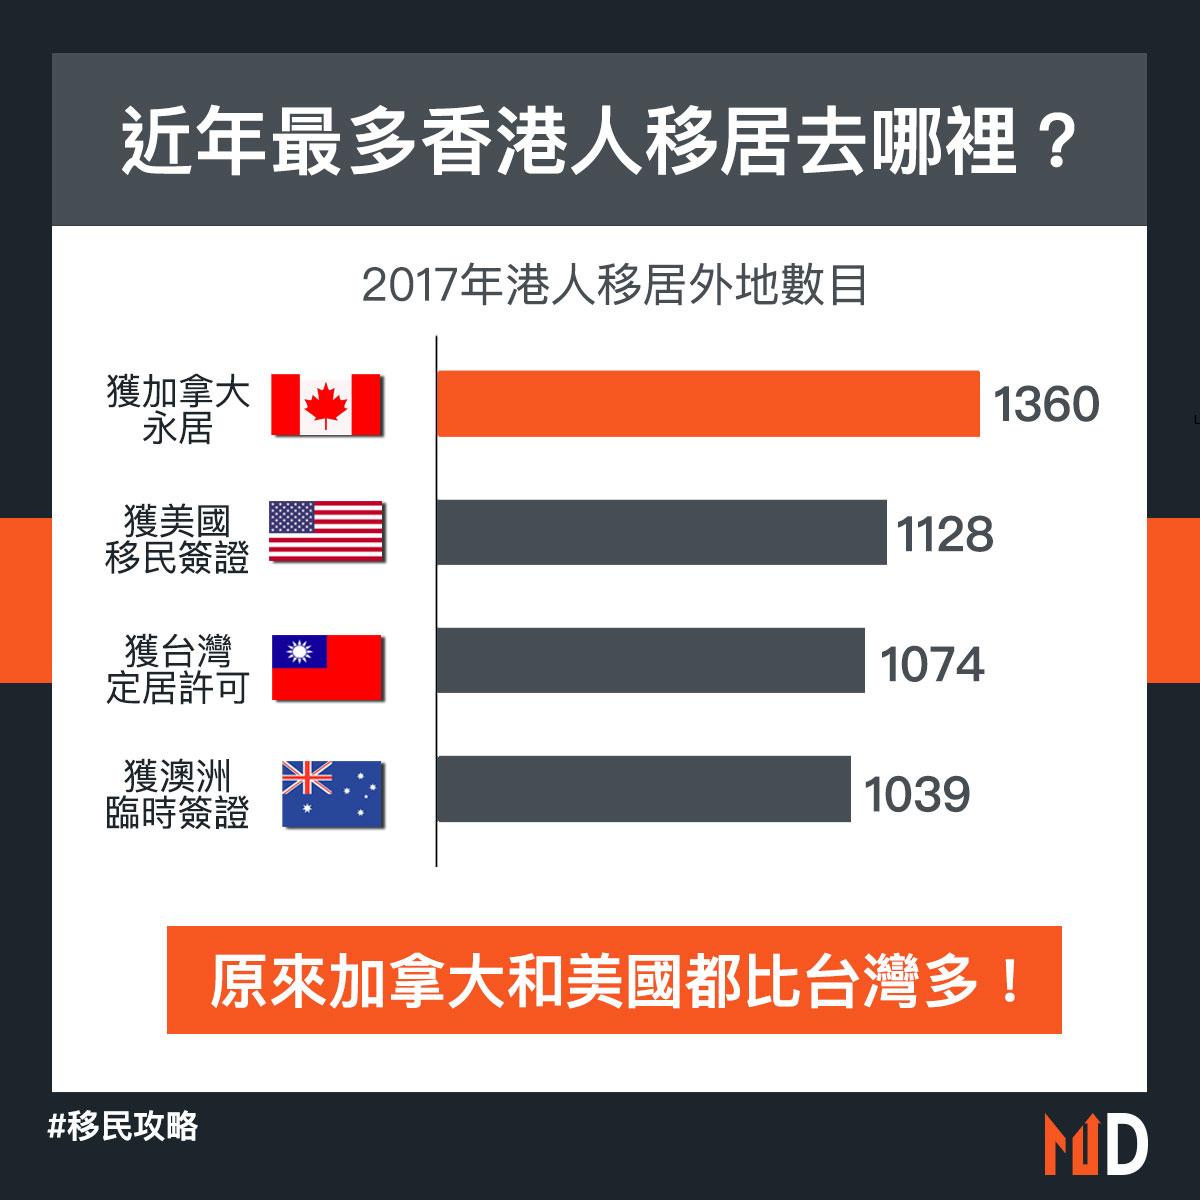 【移民攻略】近年最多香港人移居去哪裡?